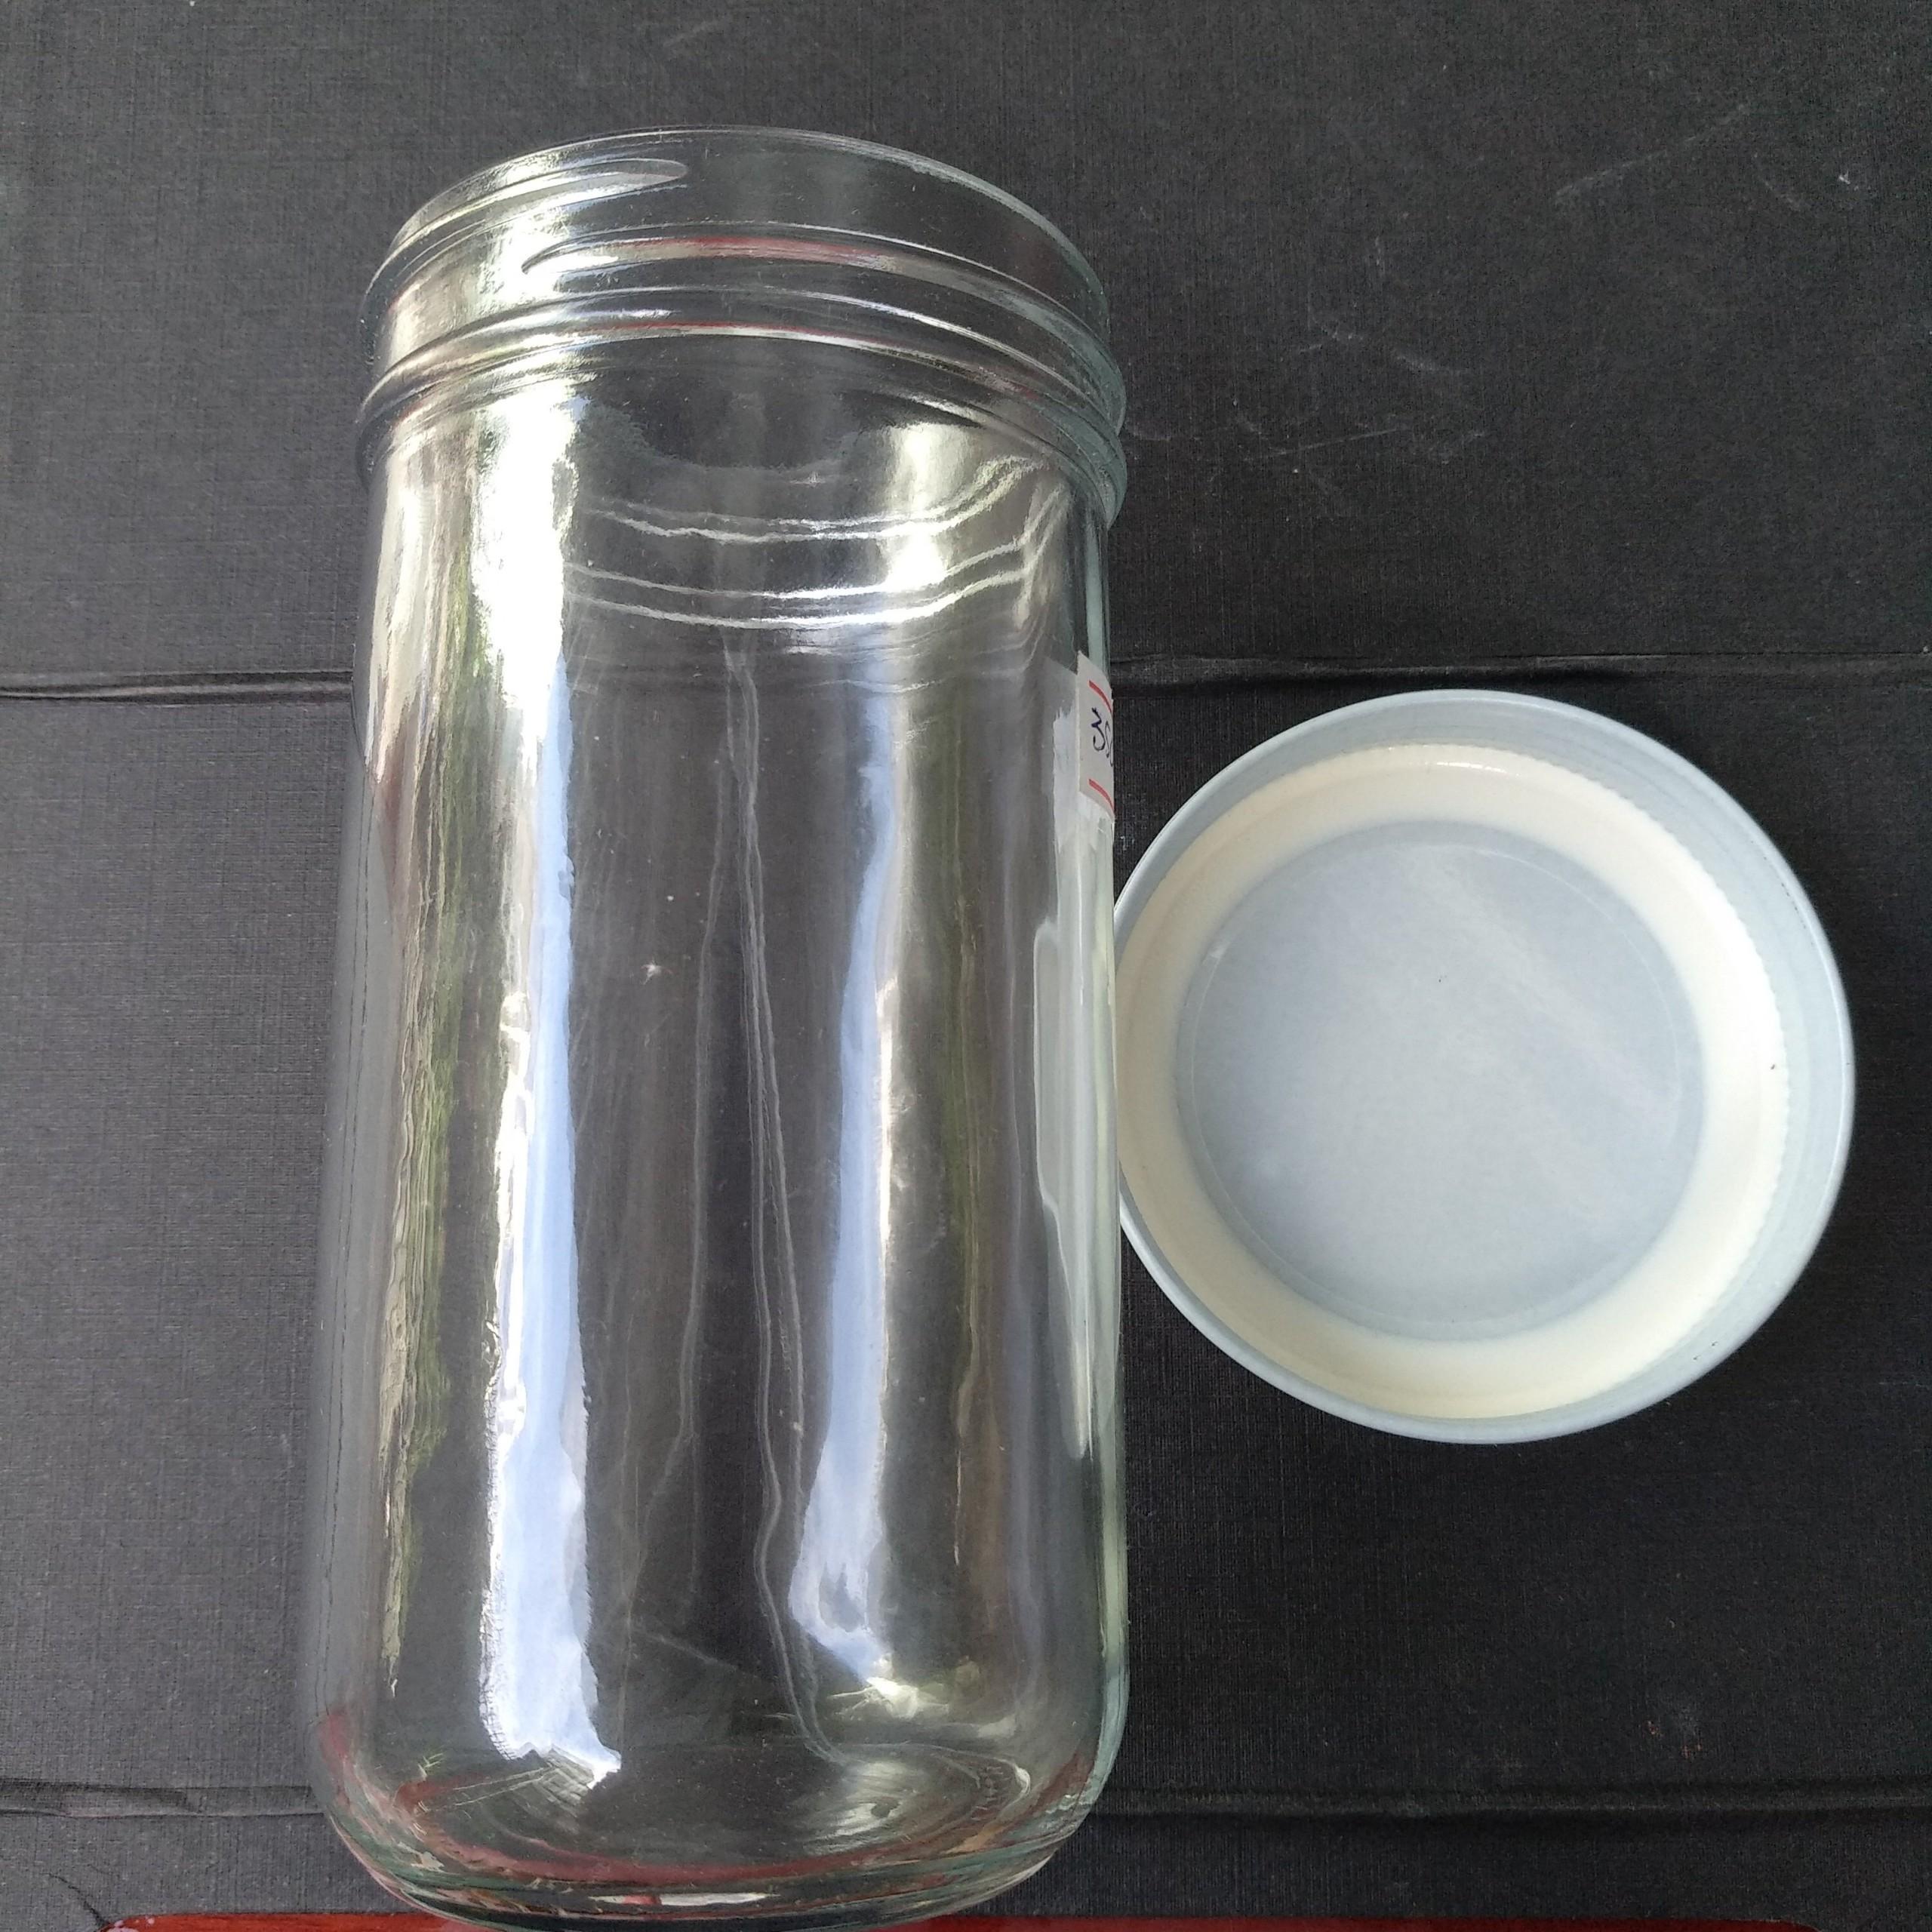 Set 6 hũ thủy tinh tròn nắp nhôm miệng rộng 350ml, đựng thực phẩm, bánh flan, sữa chua